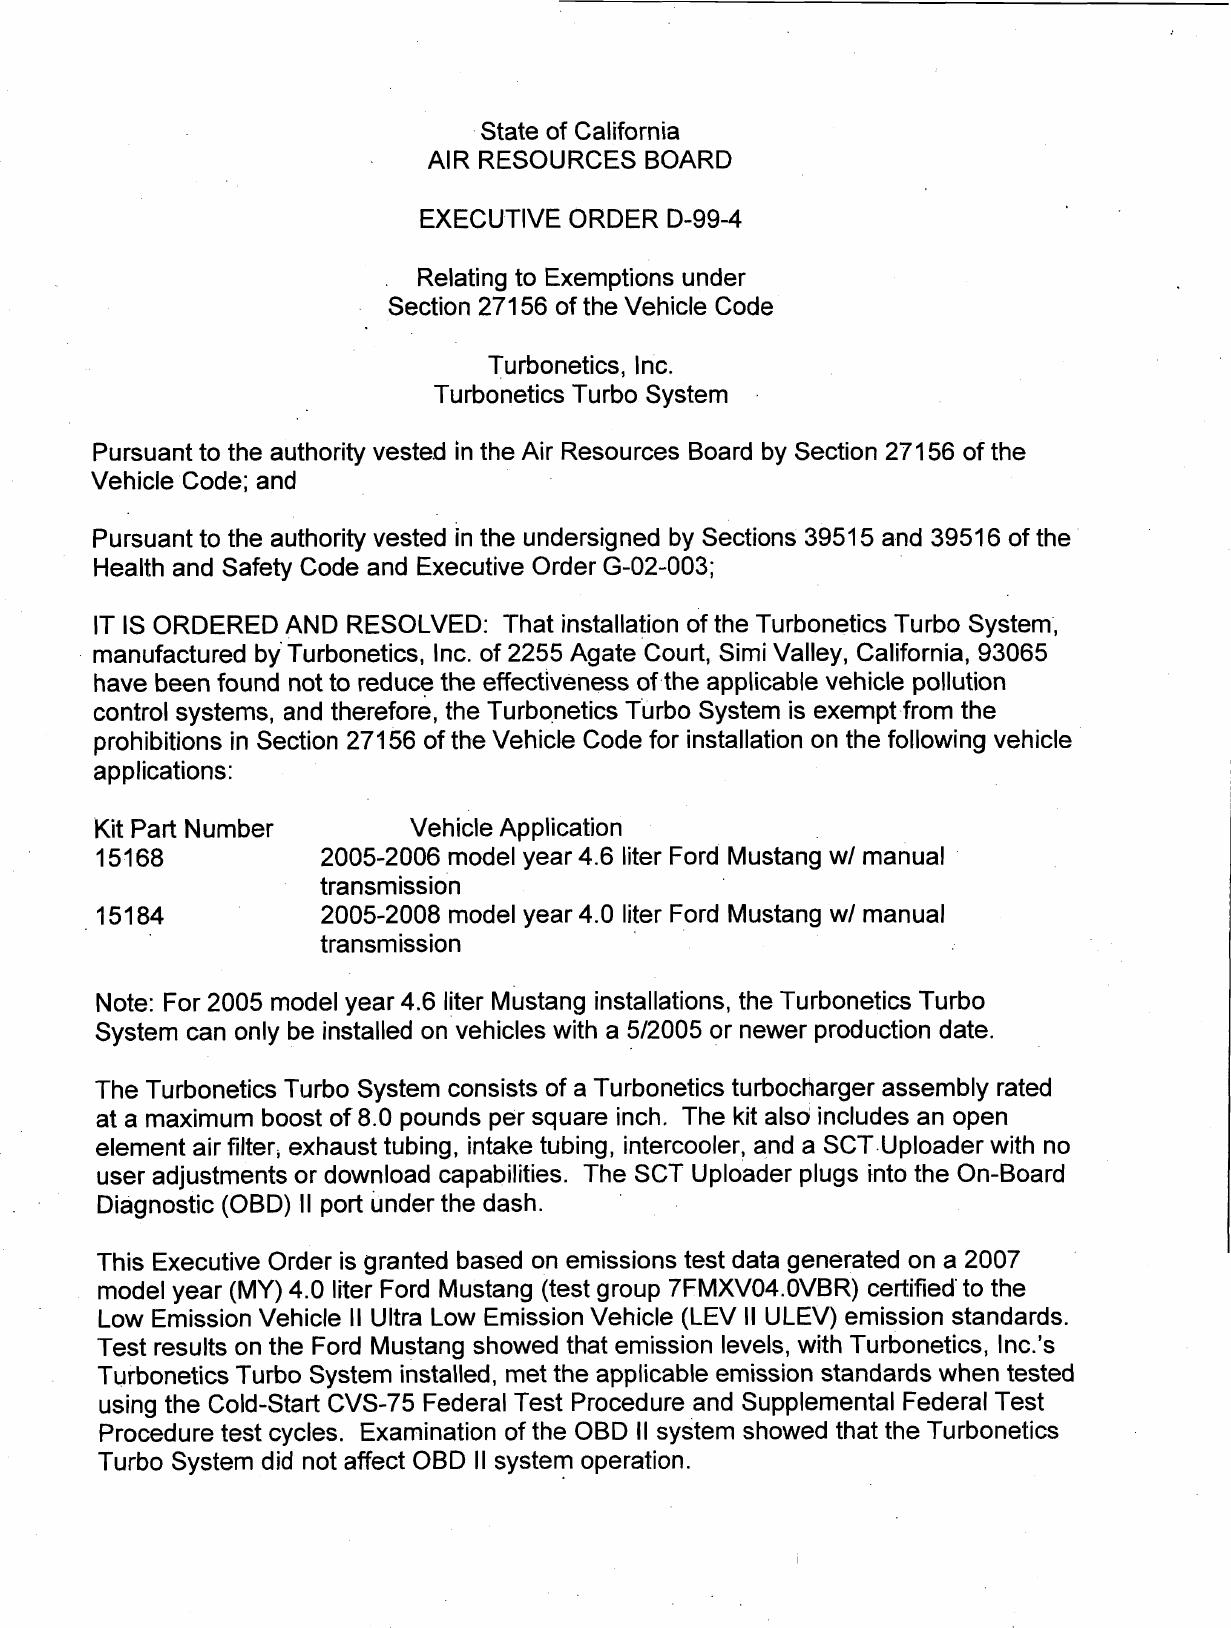 Executive Order D-99-4 Turbonetics, Inc